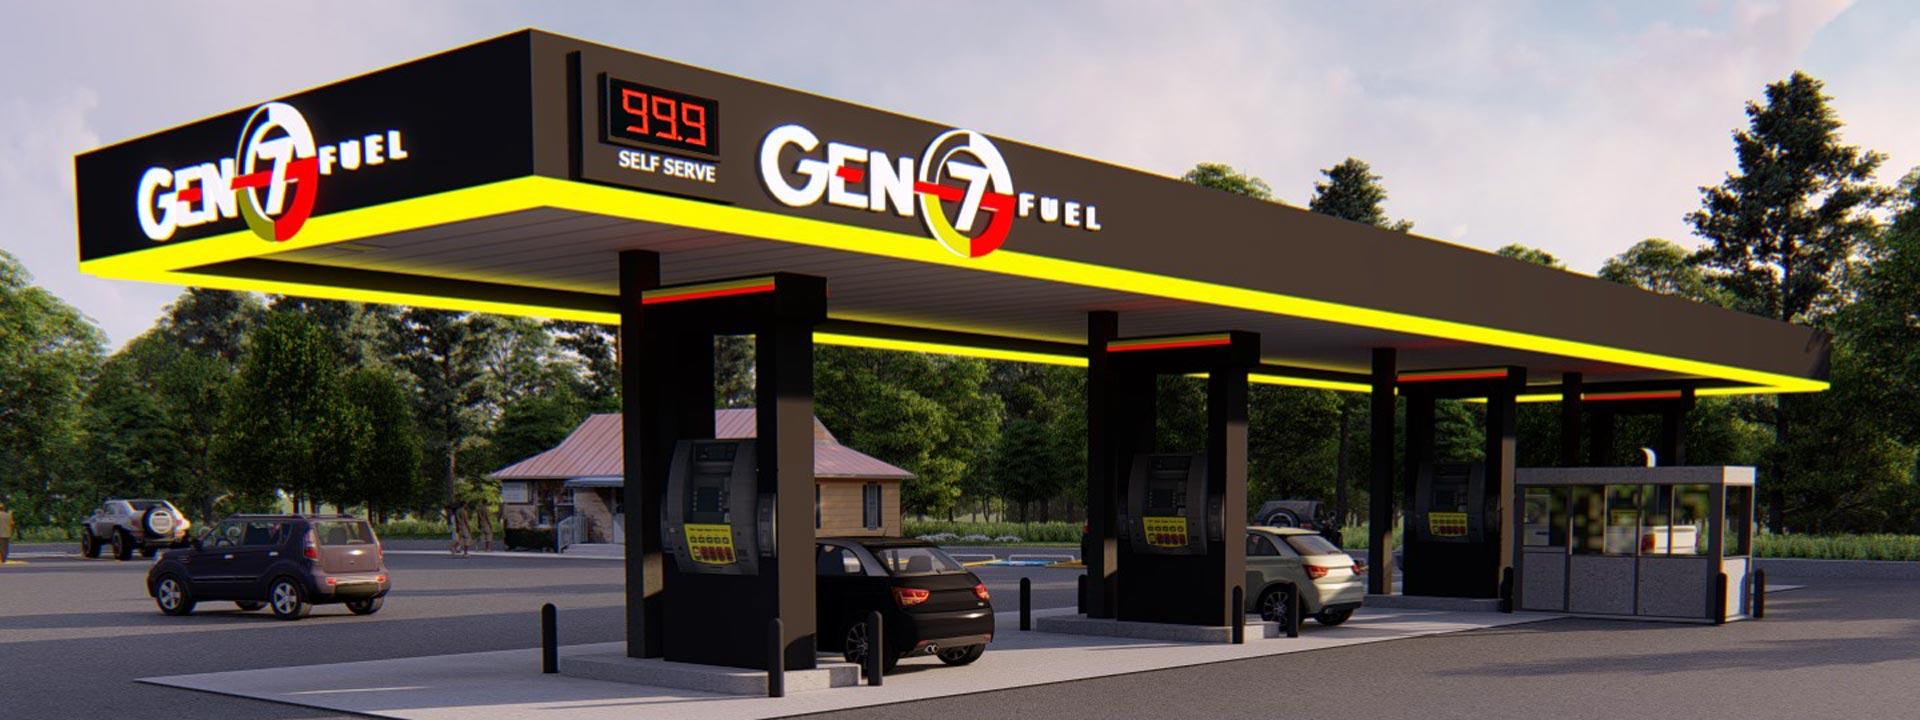 Gen7 Fuel Oneida Gas Station in Southwold